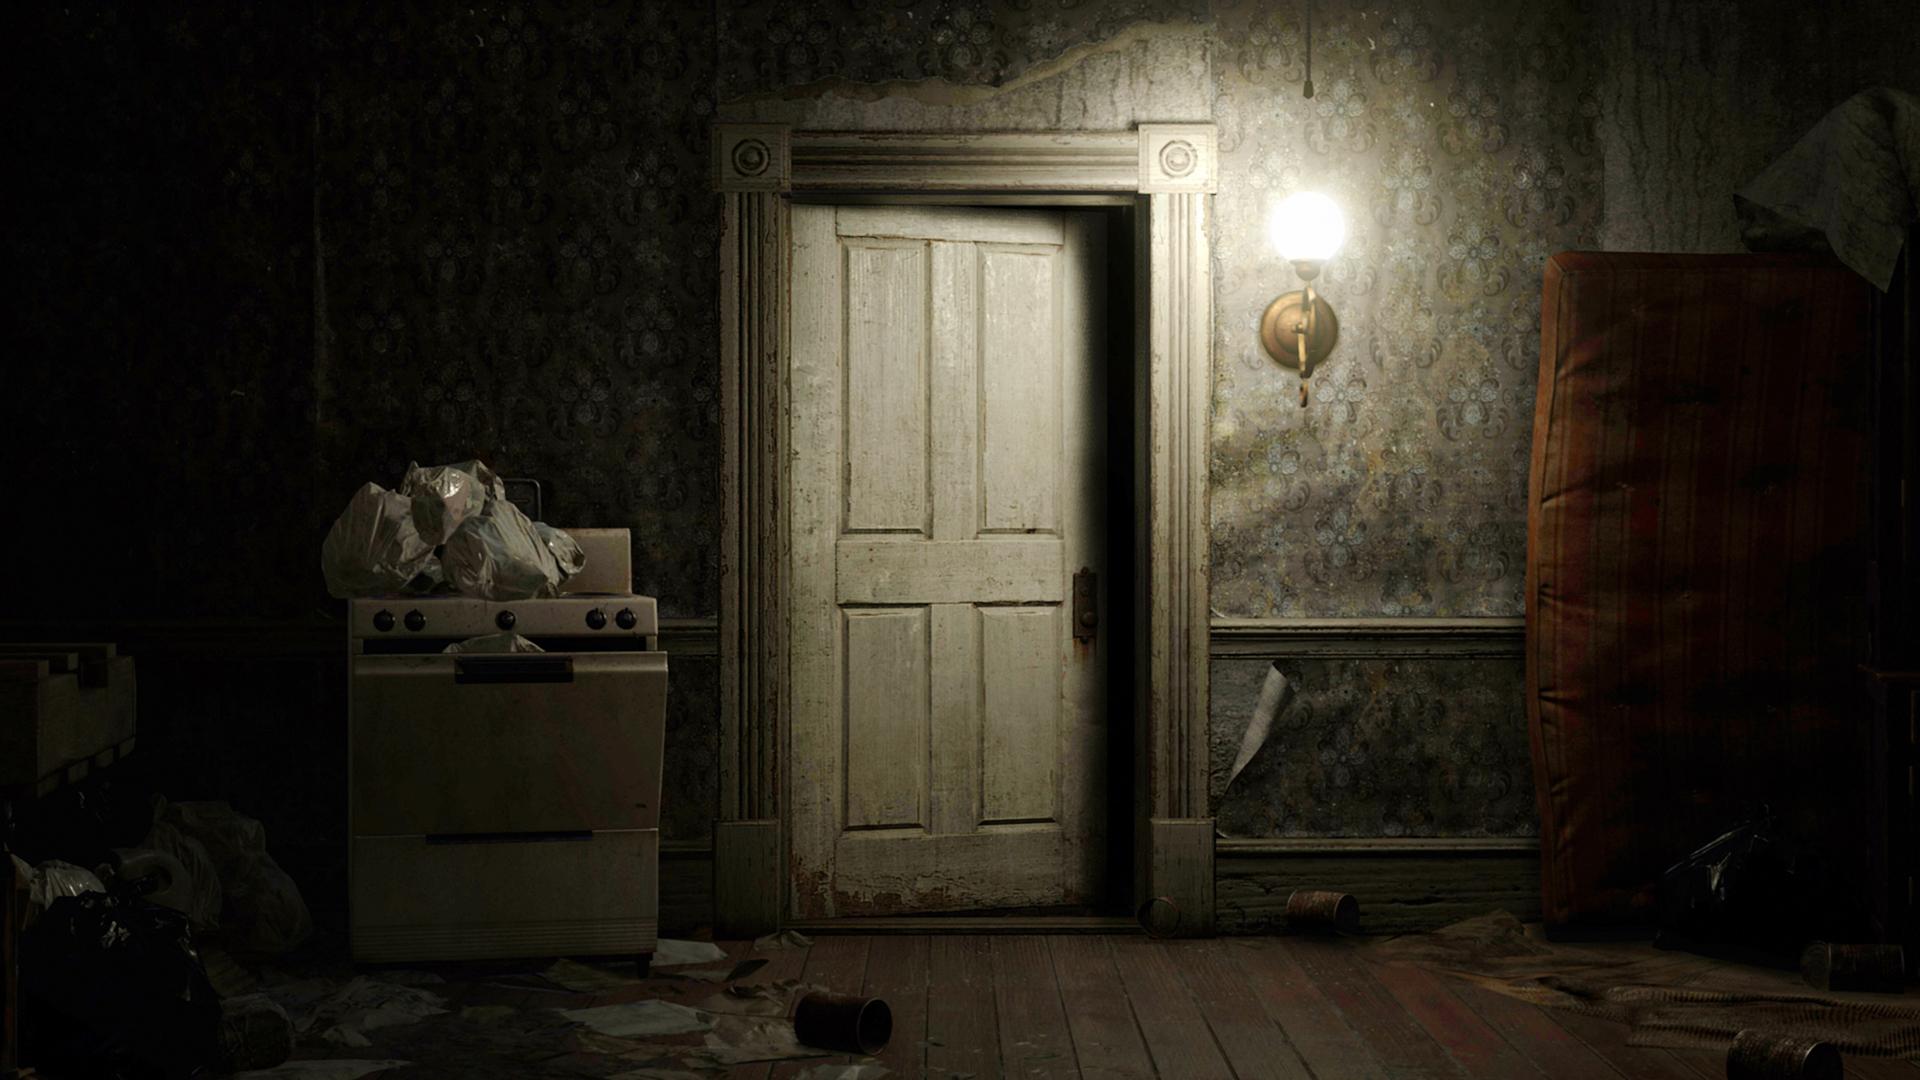 Resident Evil 7 biohazard - return to the world of survival horror